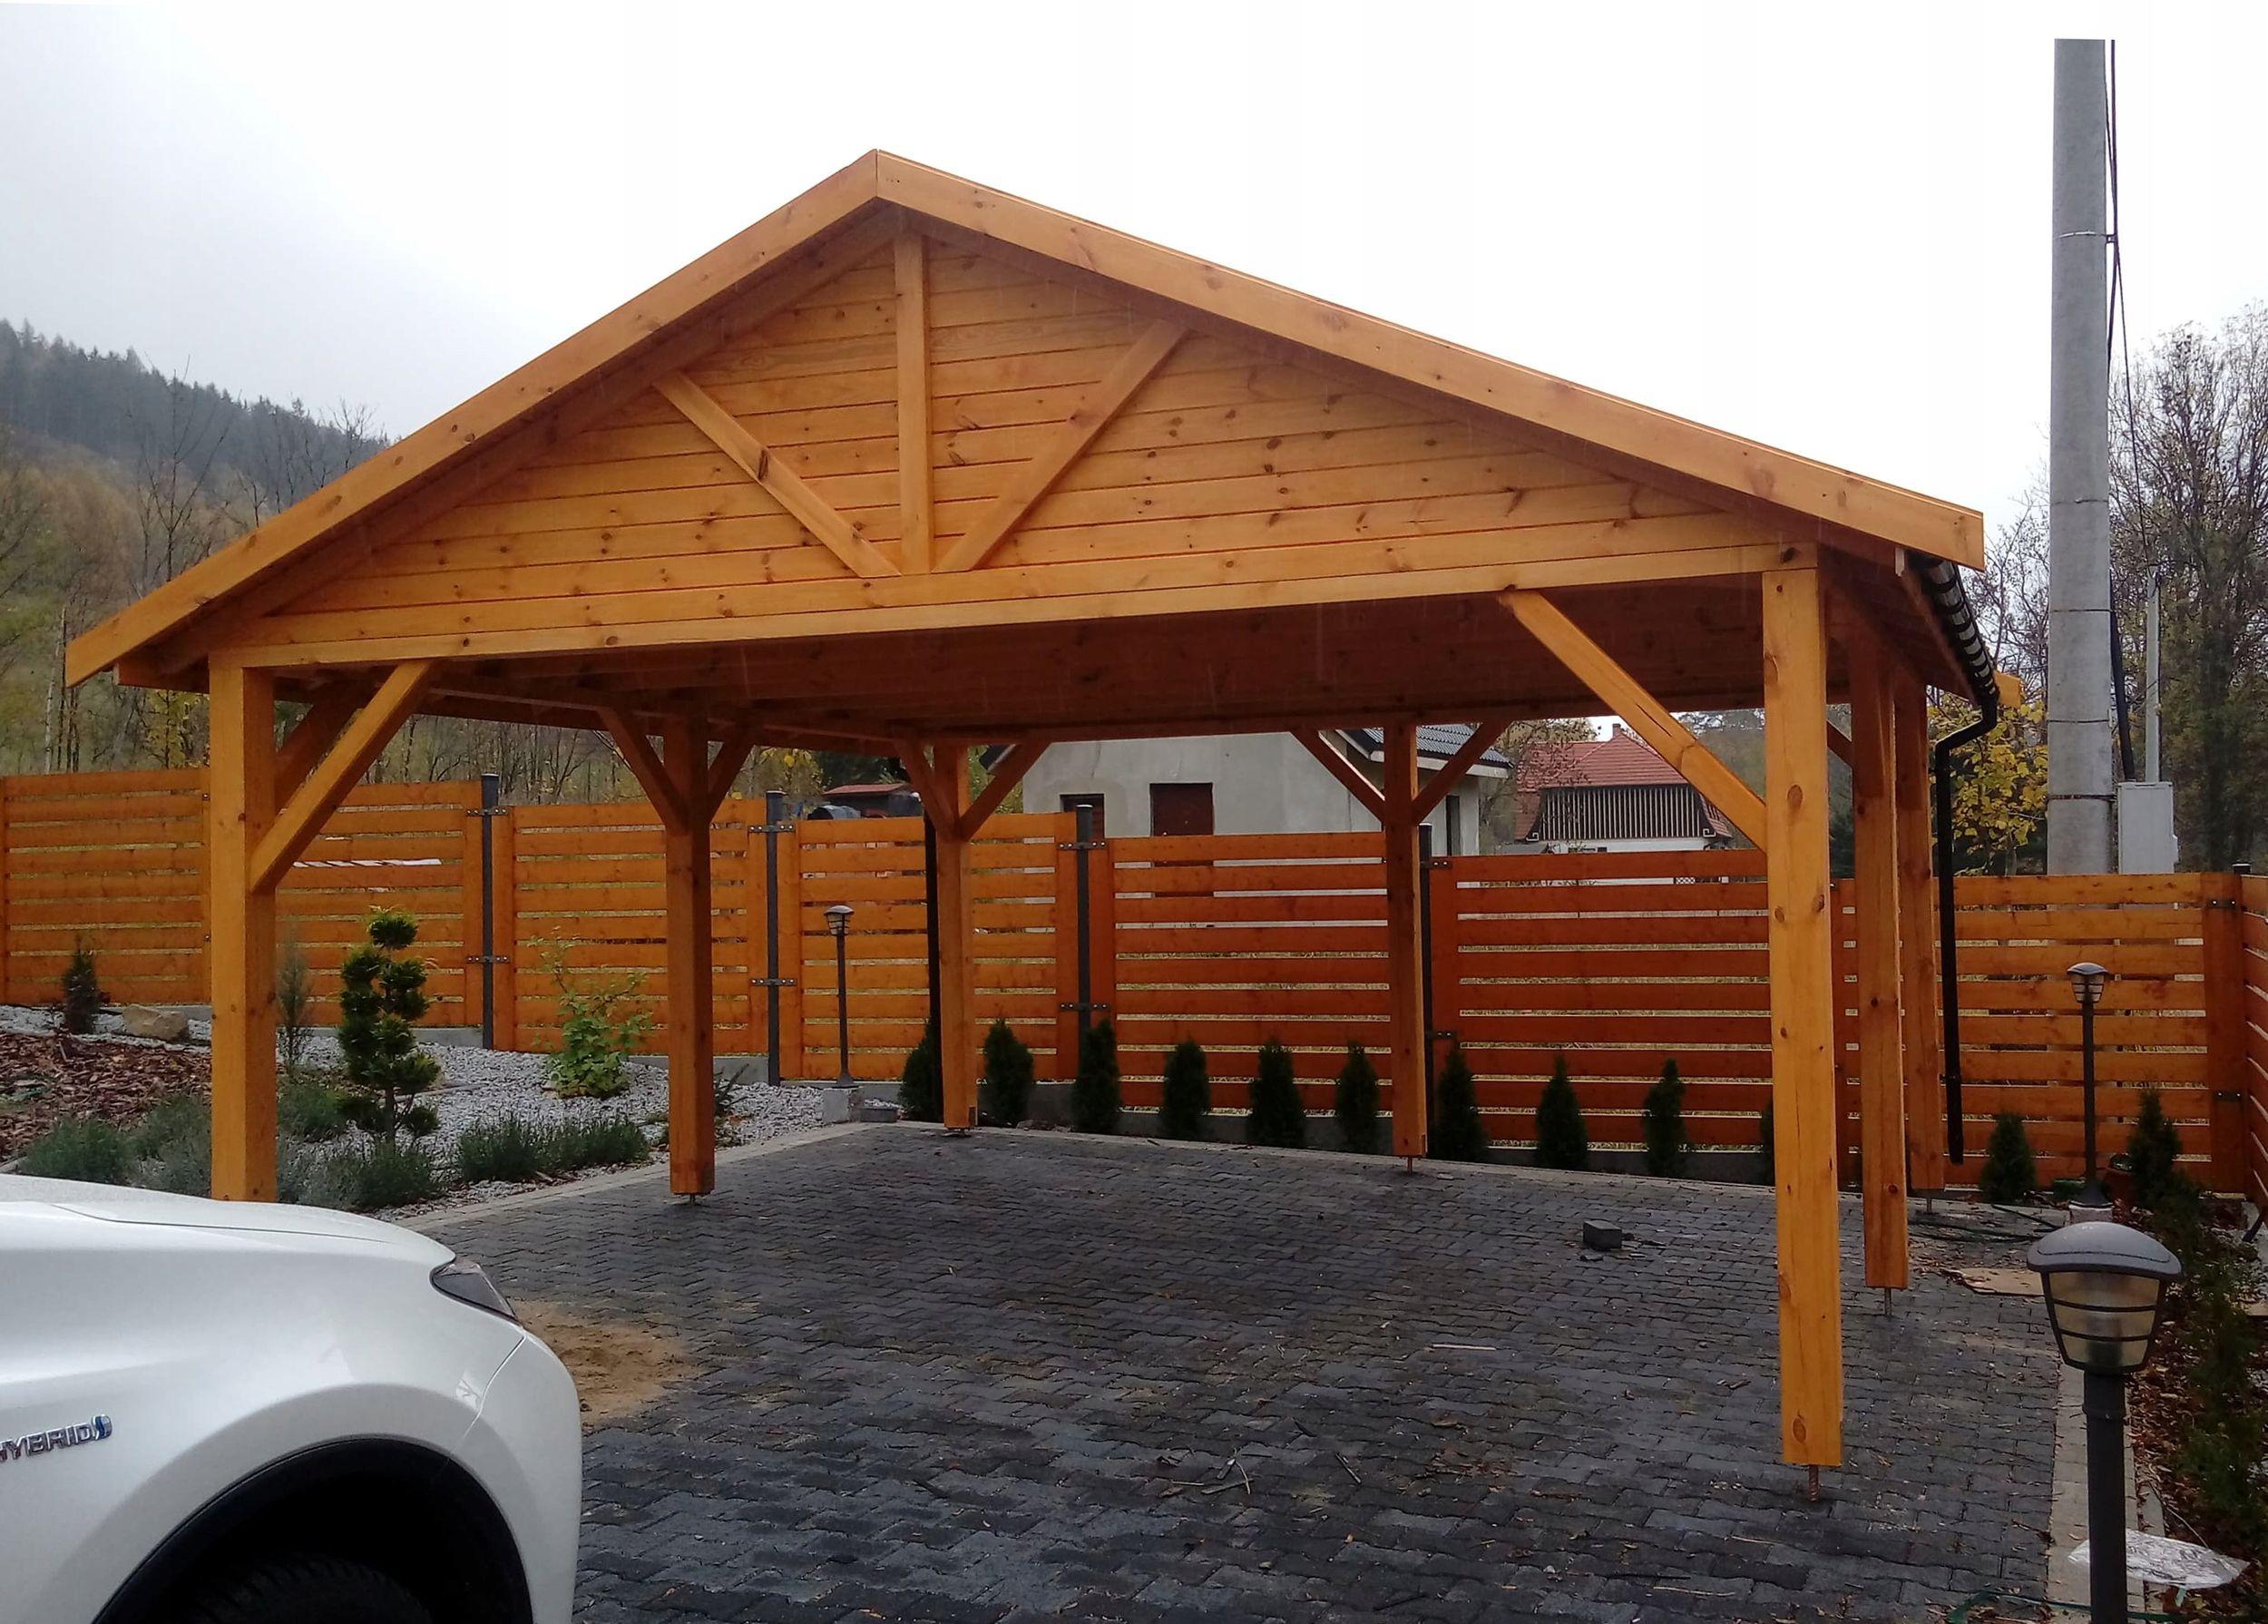 Wiata Drewniana Altana 5x5 Wiaty Garaz Zadaszenie Carport Designs House Styles Stainless Steel Grill